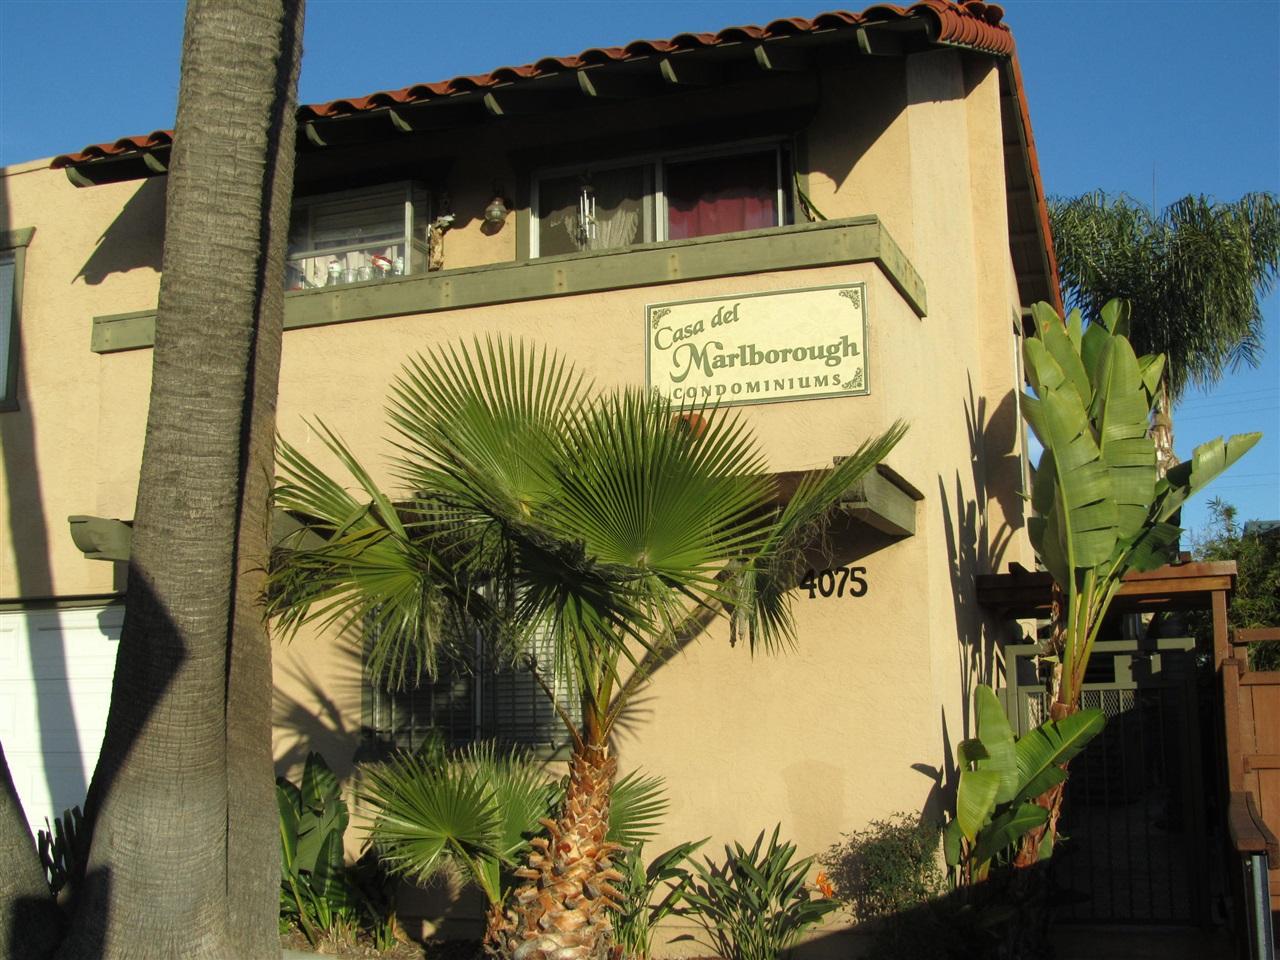 4075 Marlborough #APT 8, San Diego, CA